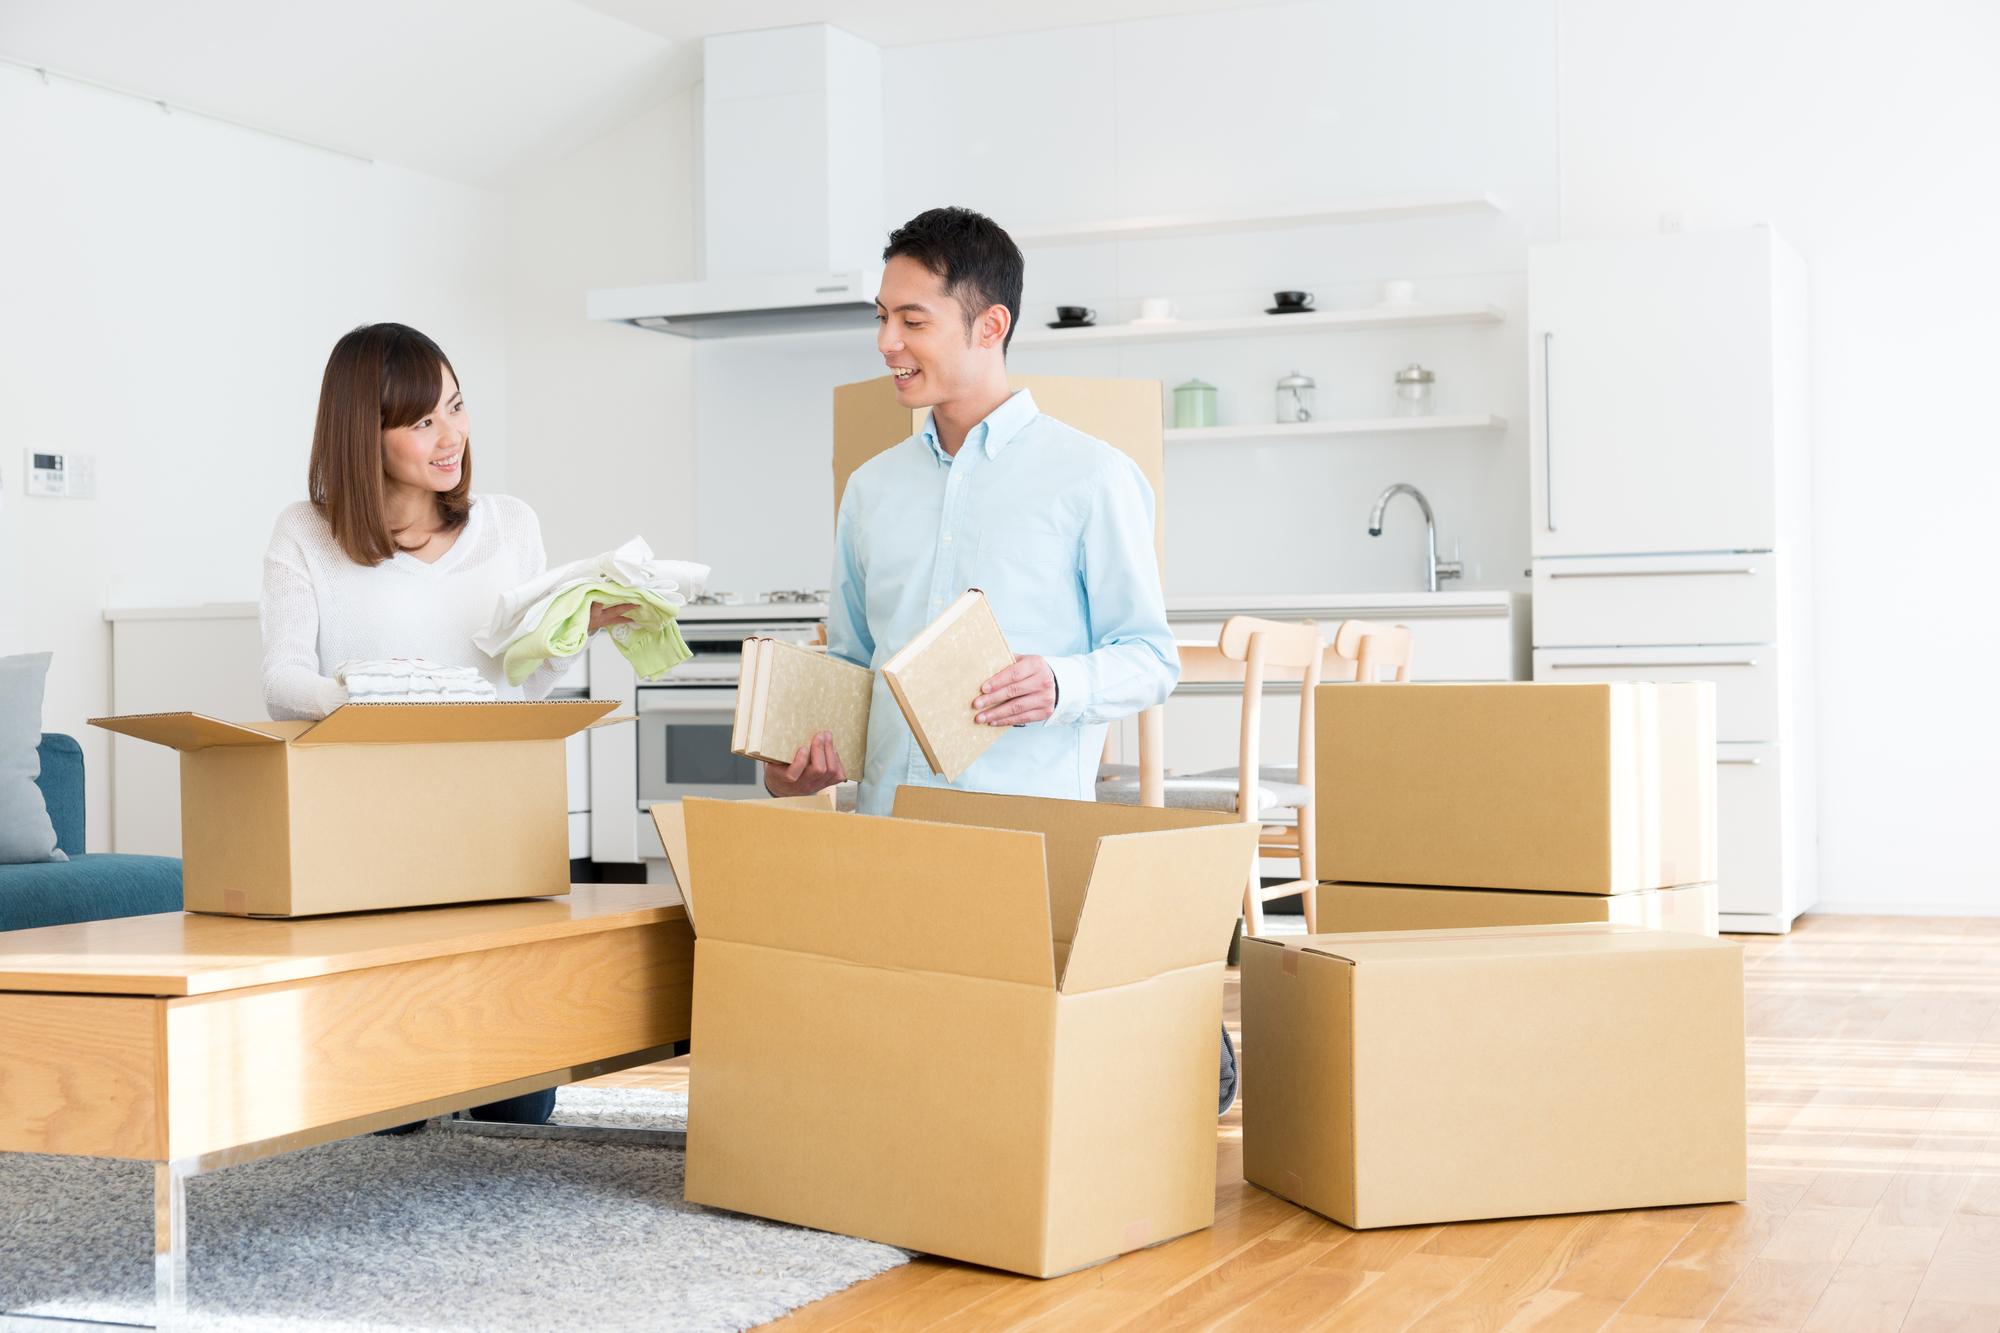 荷物を梱包するカップル